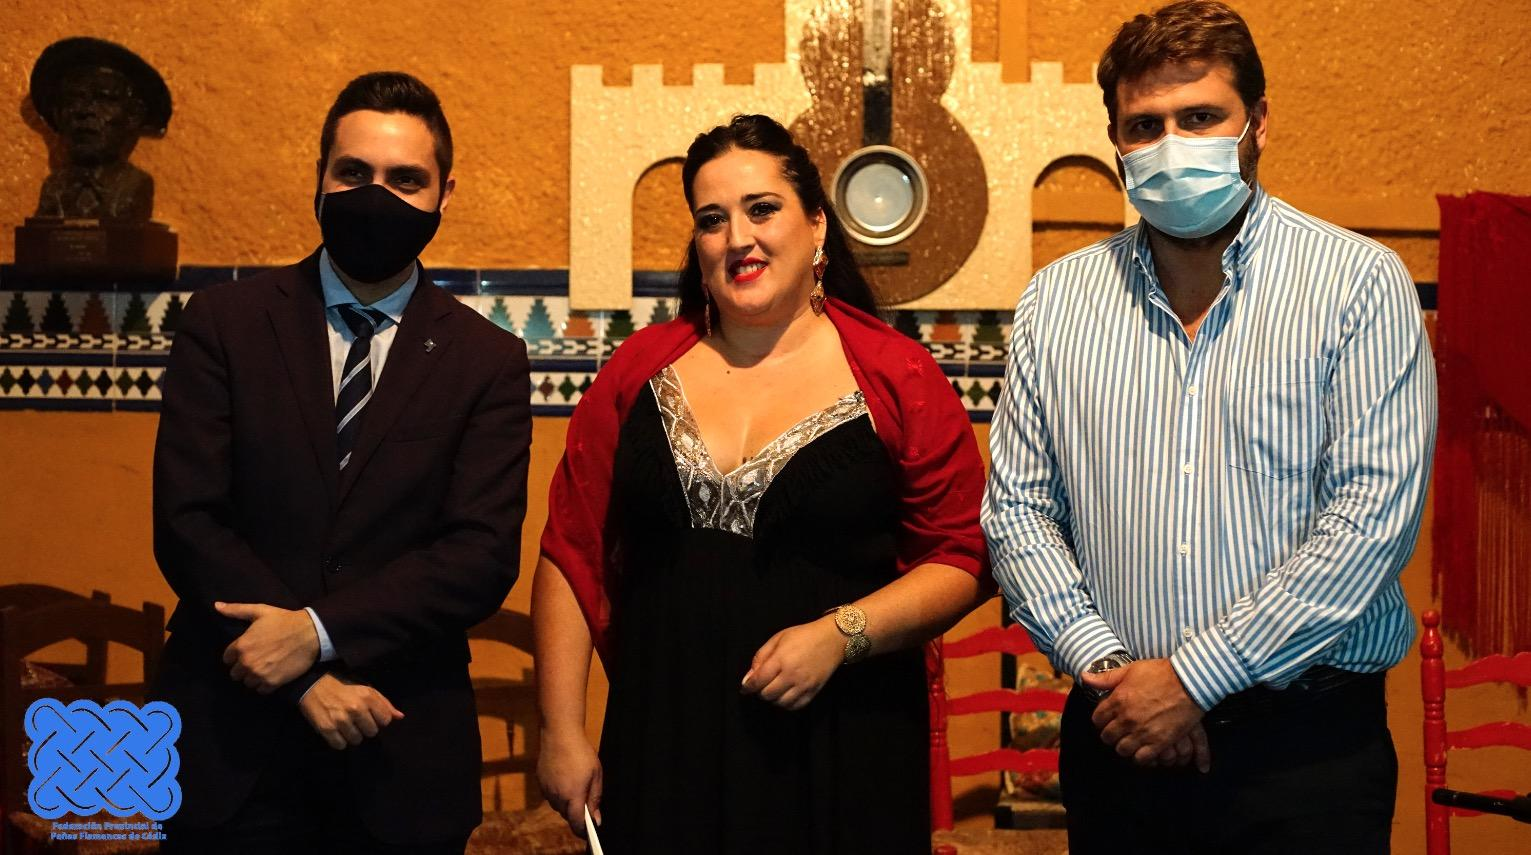 La Federación Provincial de Peñas Flamencas de Cádiz celebra con éxito el Día del Flamenco de la Provincia